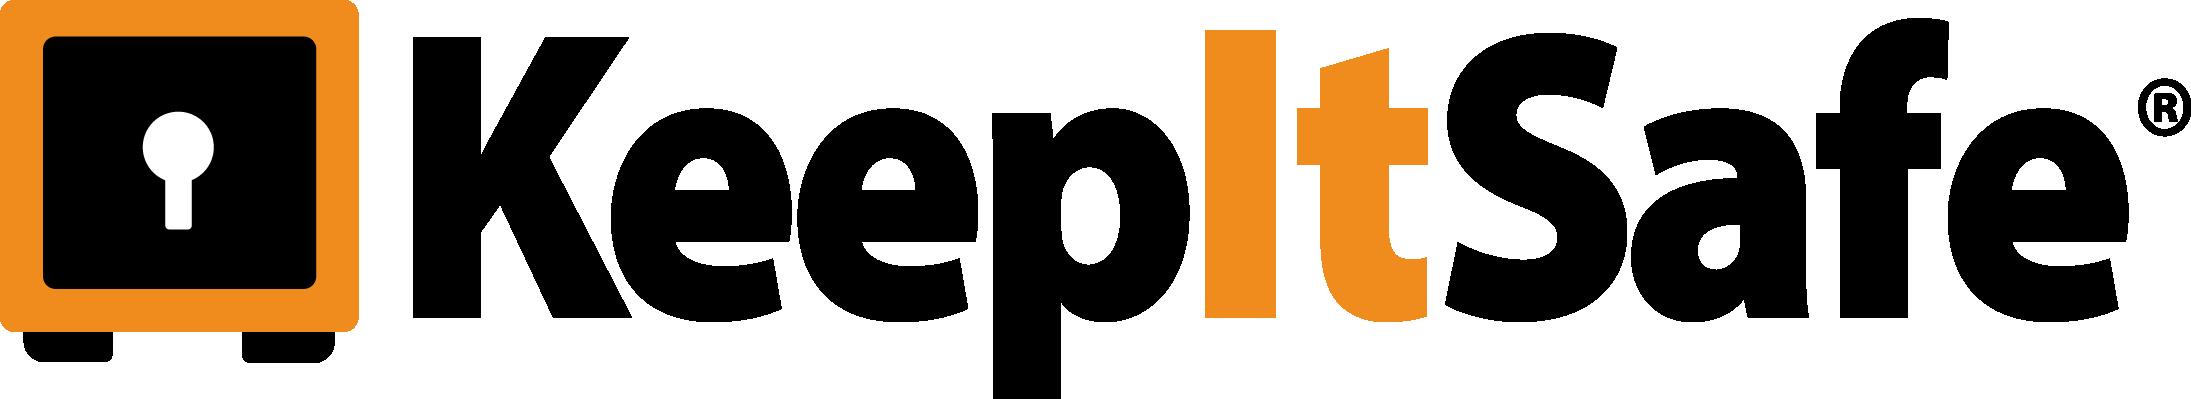 596d299a43f90-keepitsafe-logo-color